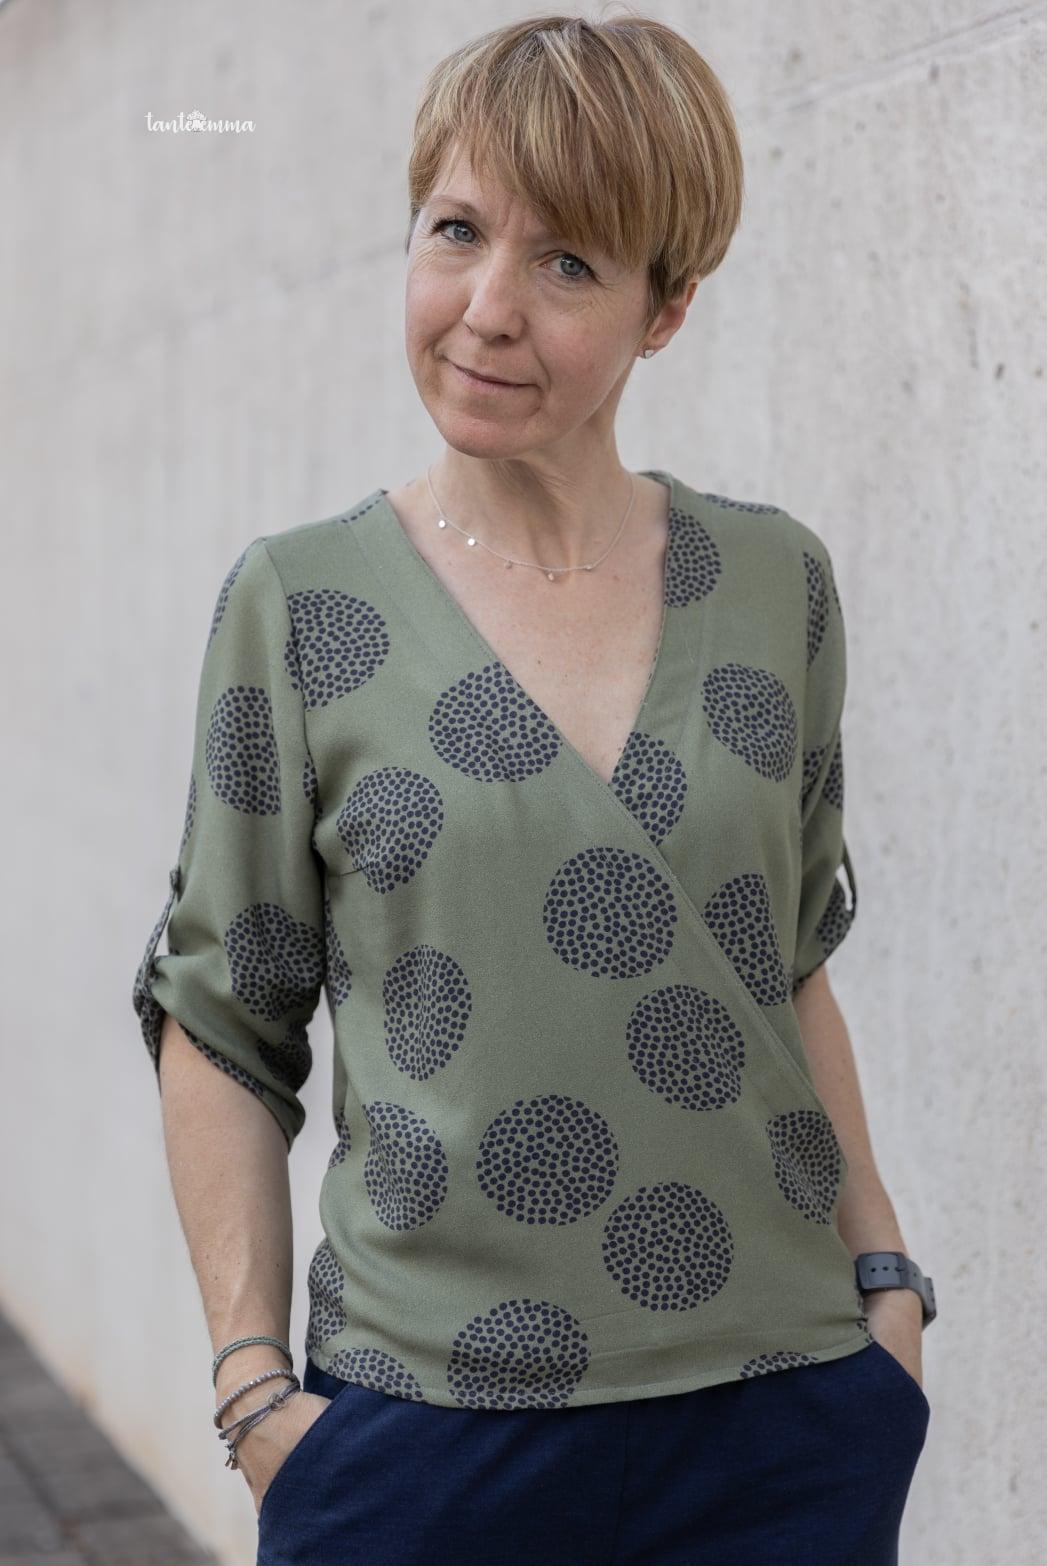 Nähanleitung Schnittmuster Wickelblus Bluse Sevilla Damen meine Herzenswelt